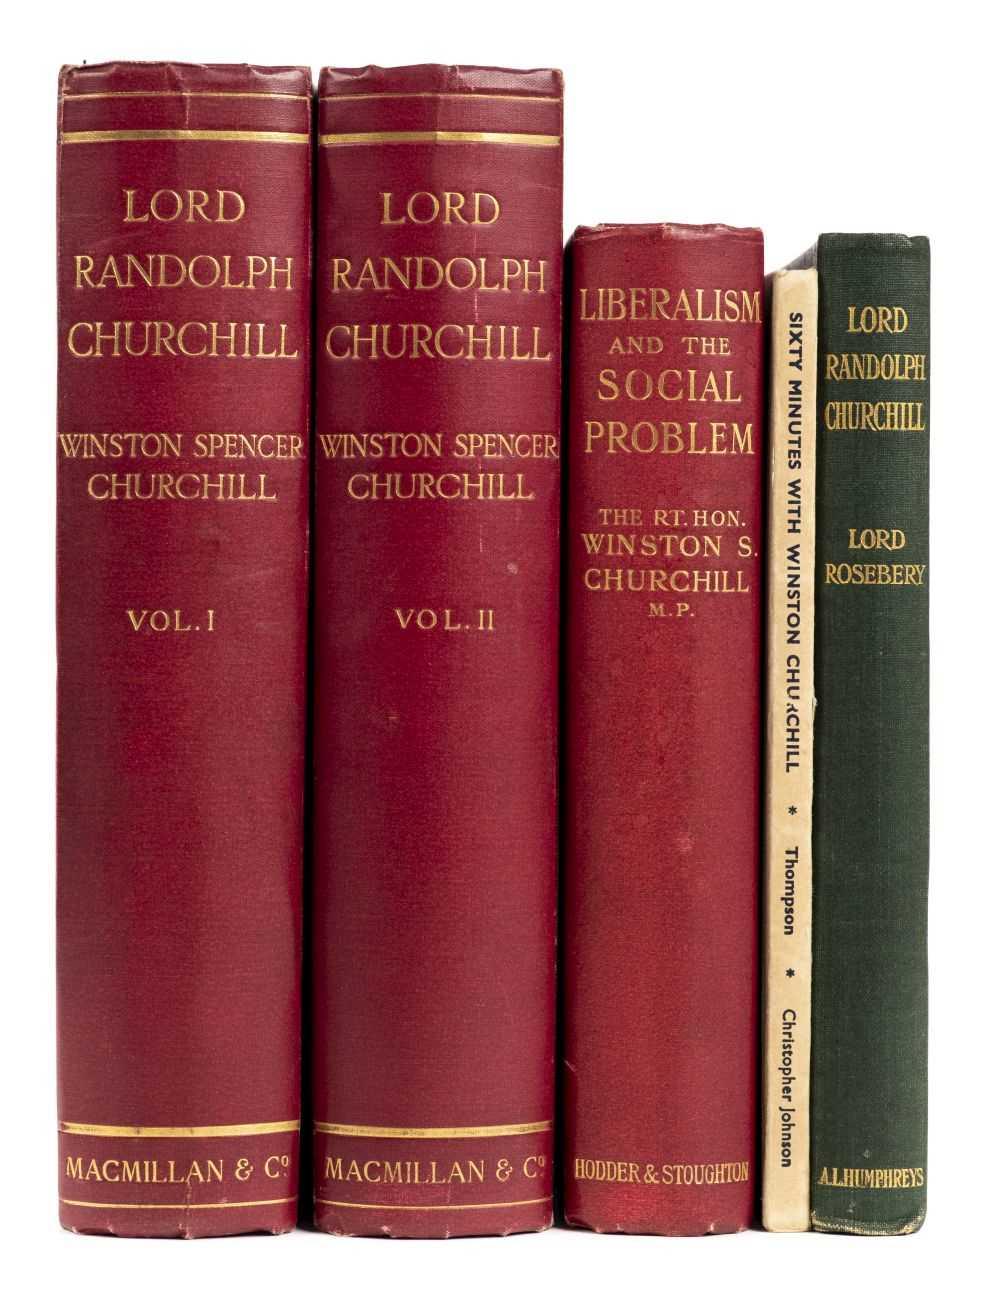 Churchill (Winston Spencer). Lord Randolph Churchill, 2 volumes, 1st...